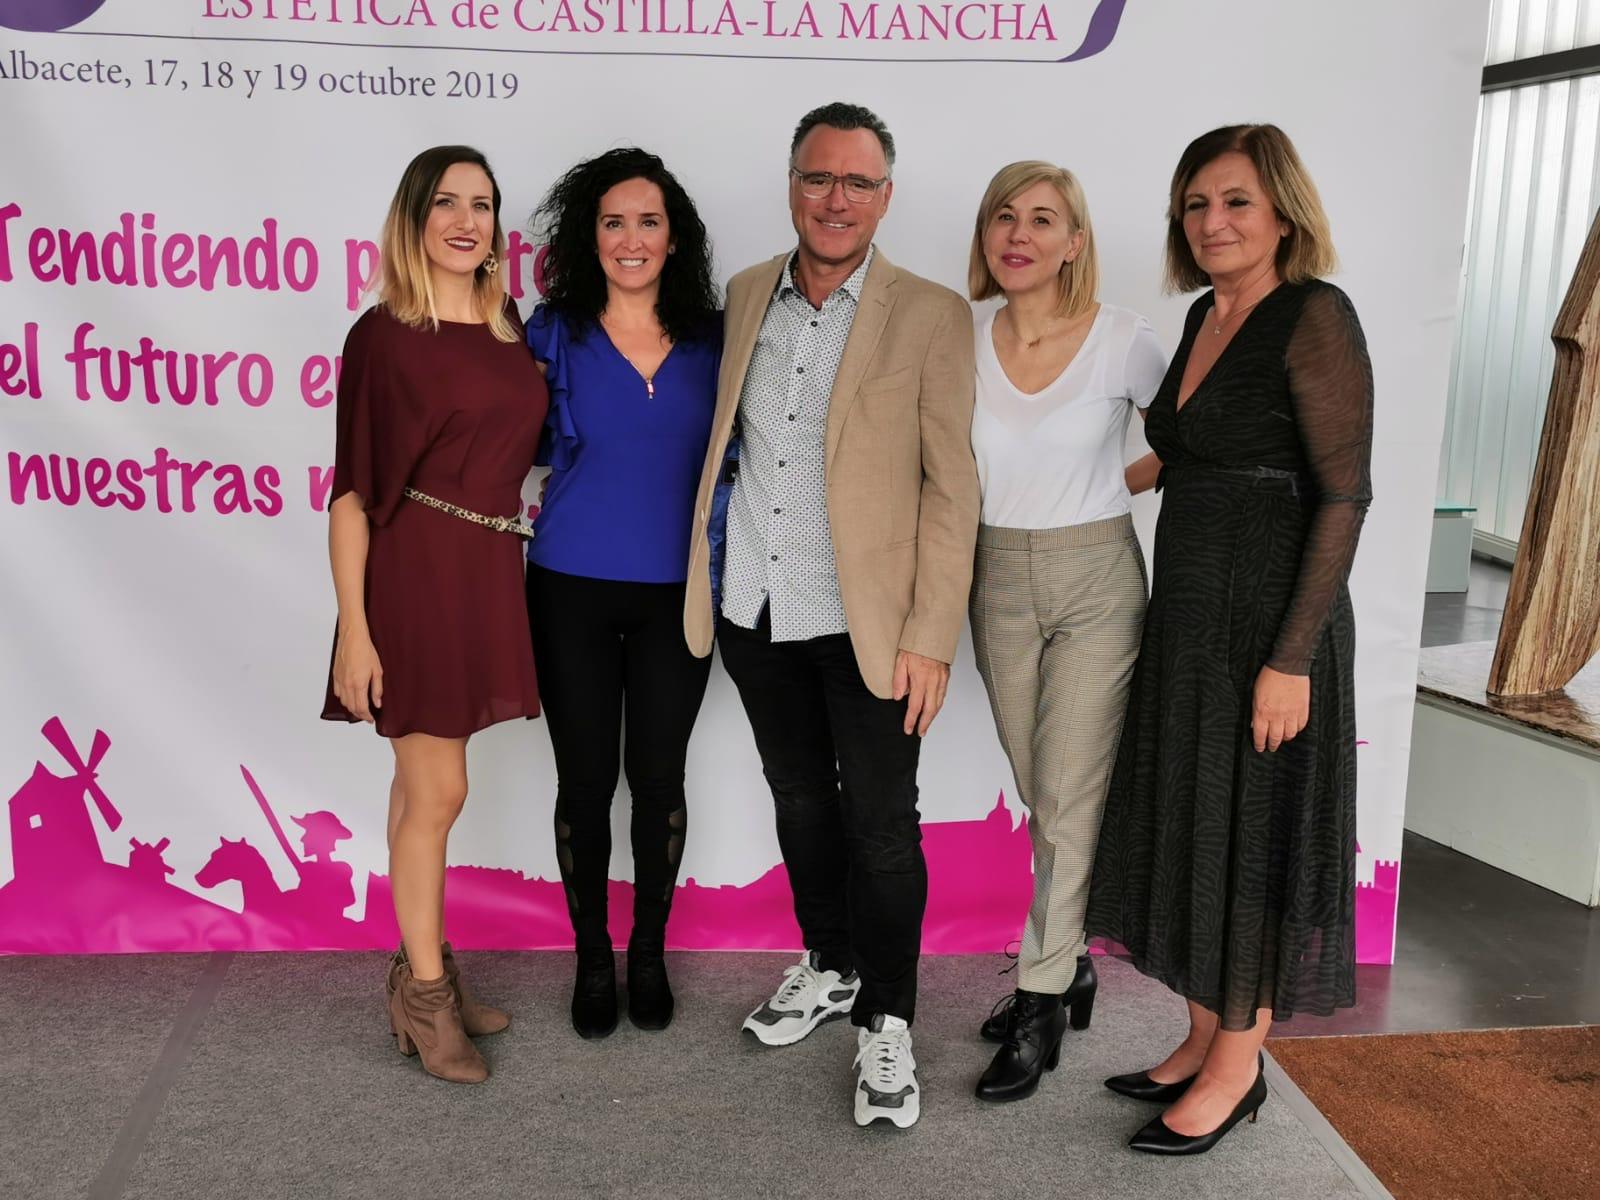 """Éxito de asistentes y expositores en las """"XII Jornadas de Medicina Estética de Castilla La Mancha"""""""